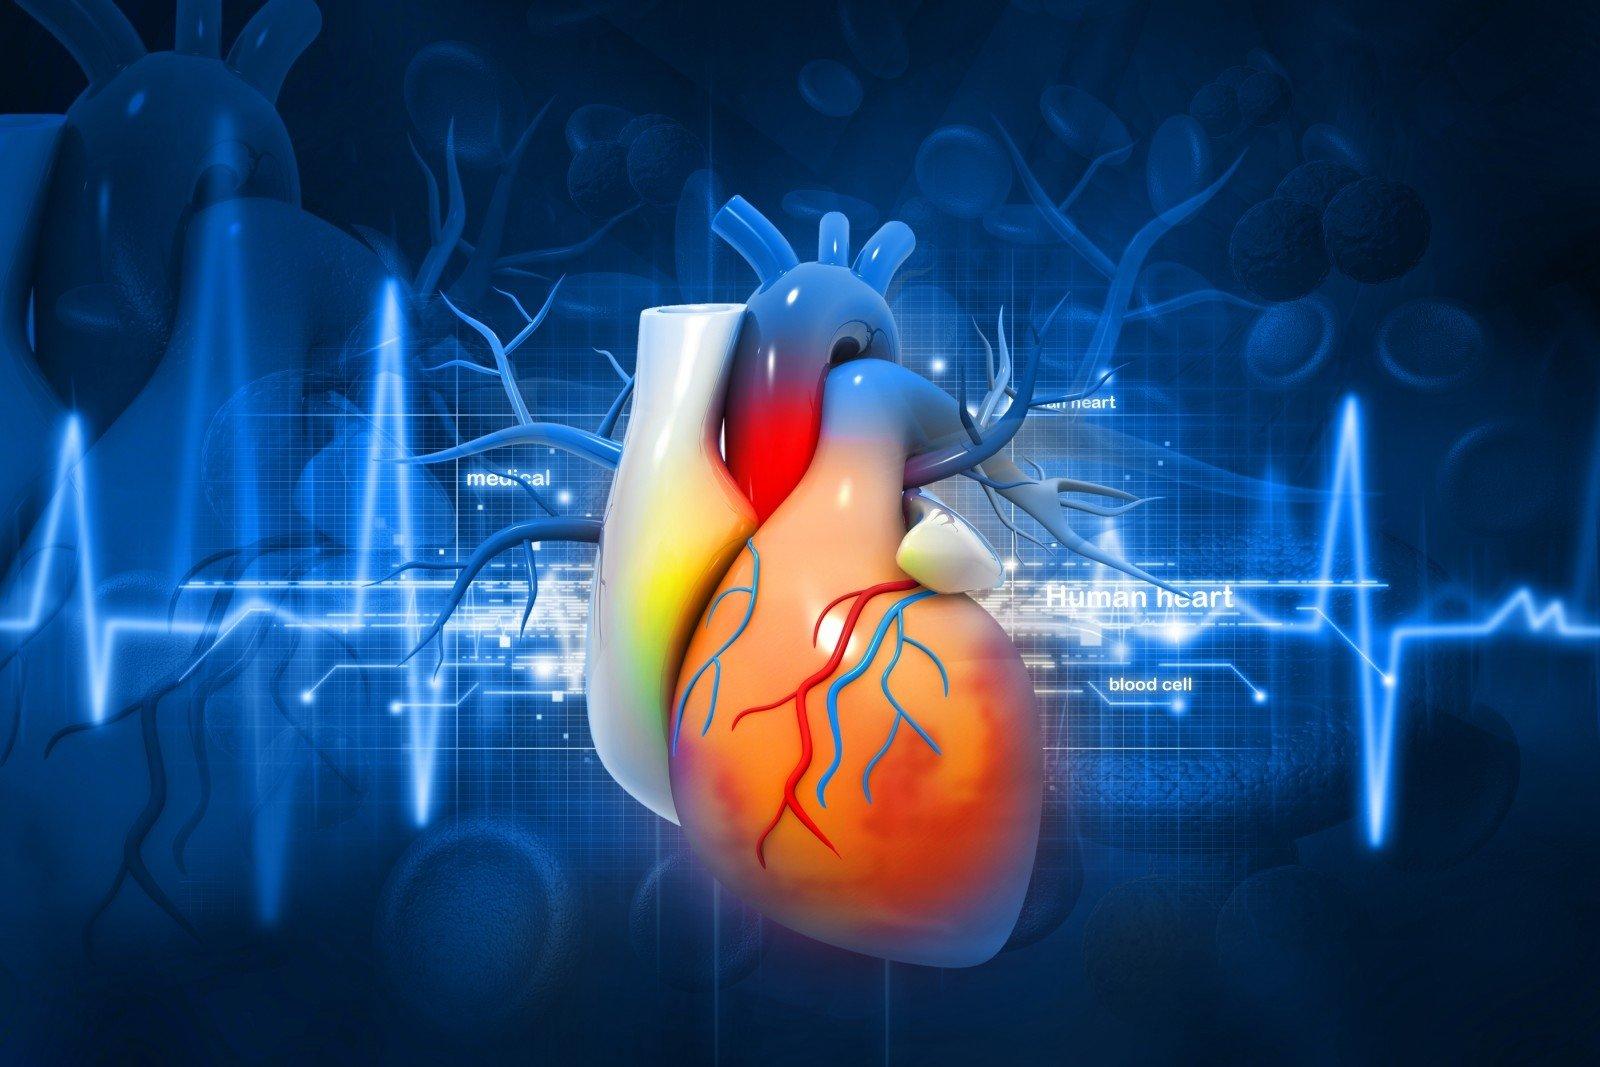 širdies širdies sveikata voveraitės su hipertenzija